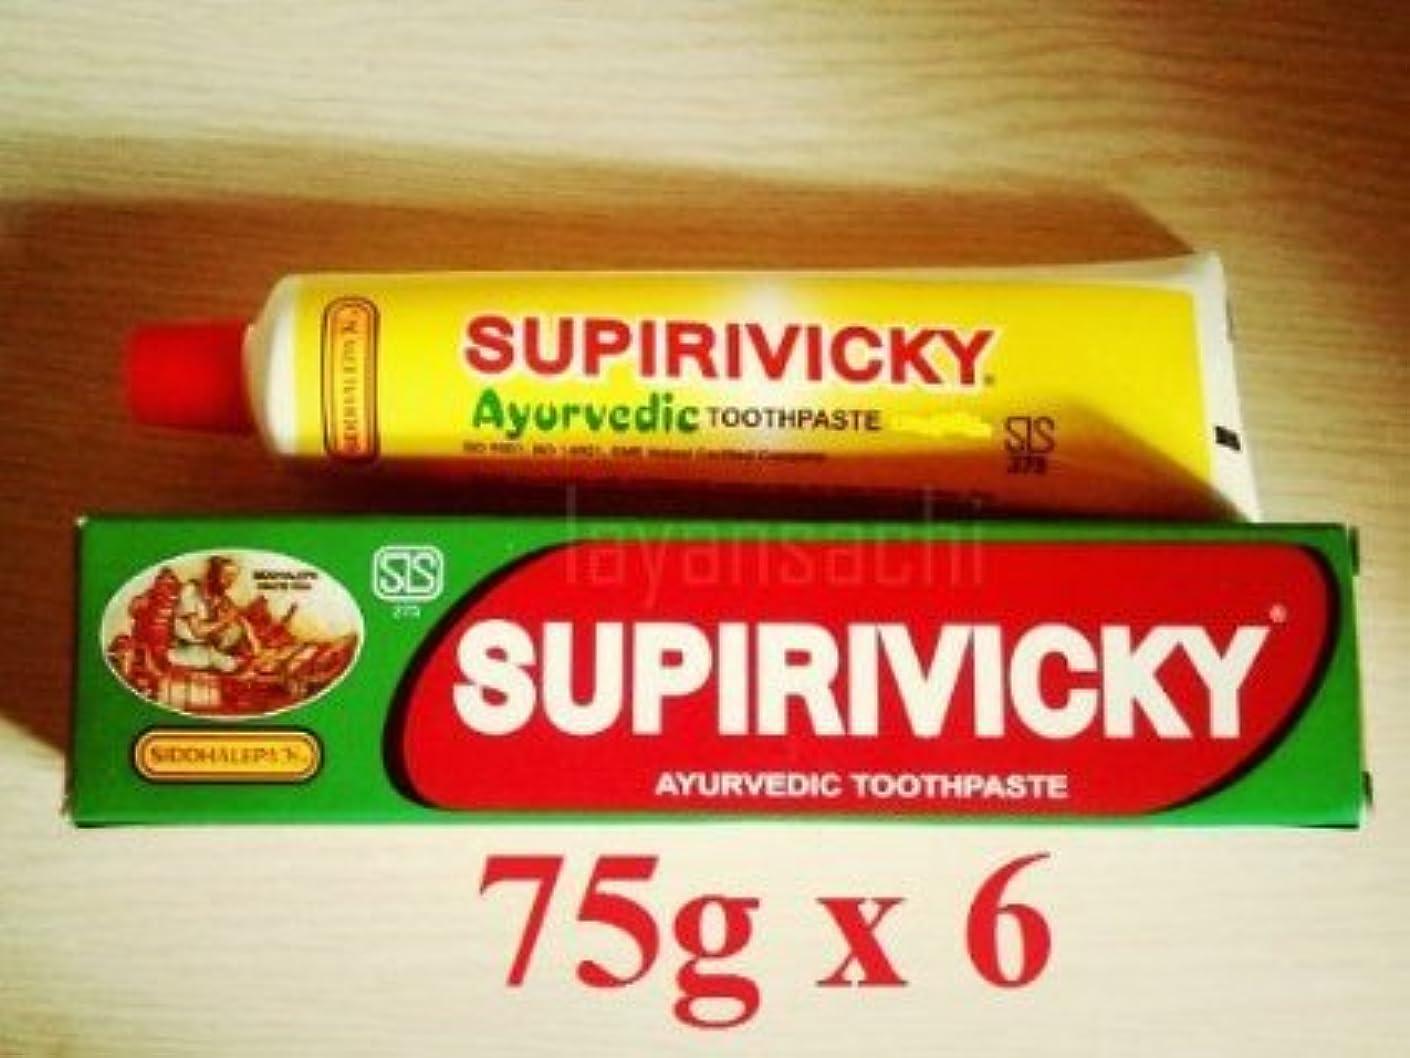 ラベル厳密に警戒6 x 70gチューブSIDDHALEPA SUPIRIVICKYアーユルヴェーダハーブ歯磨き粉